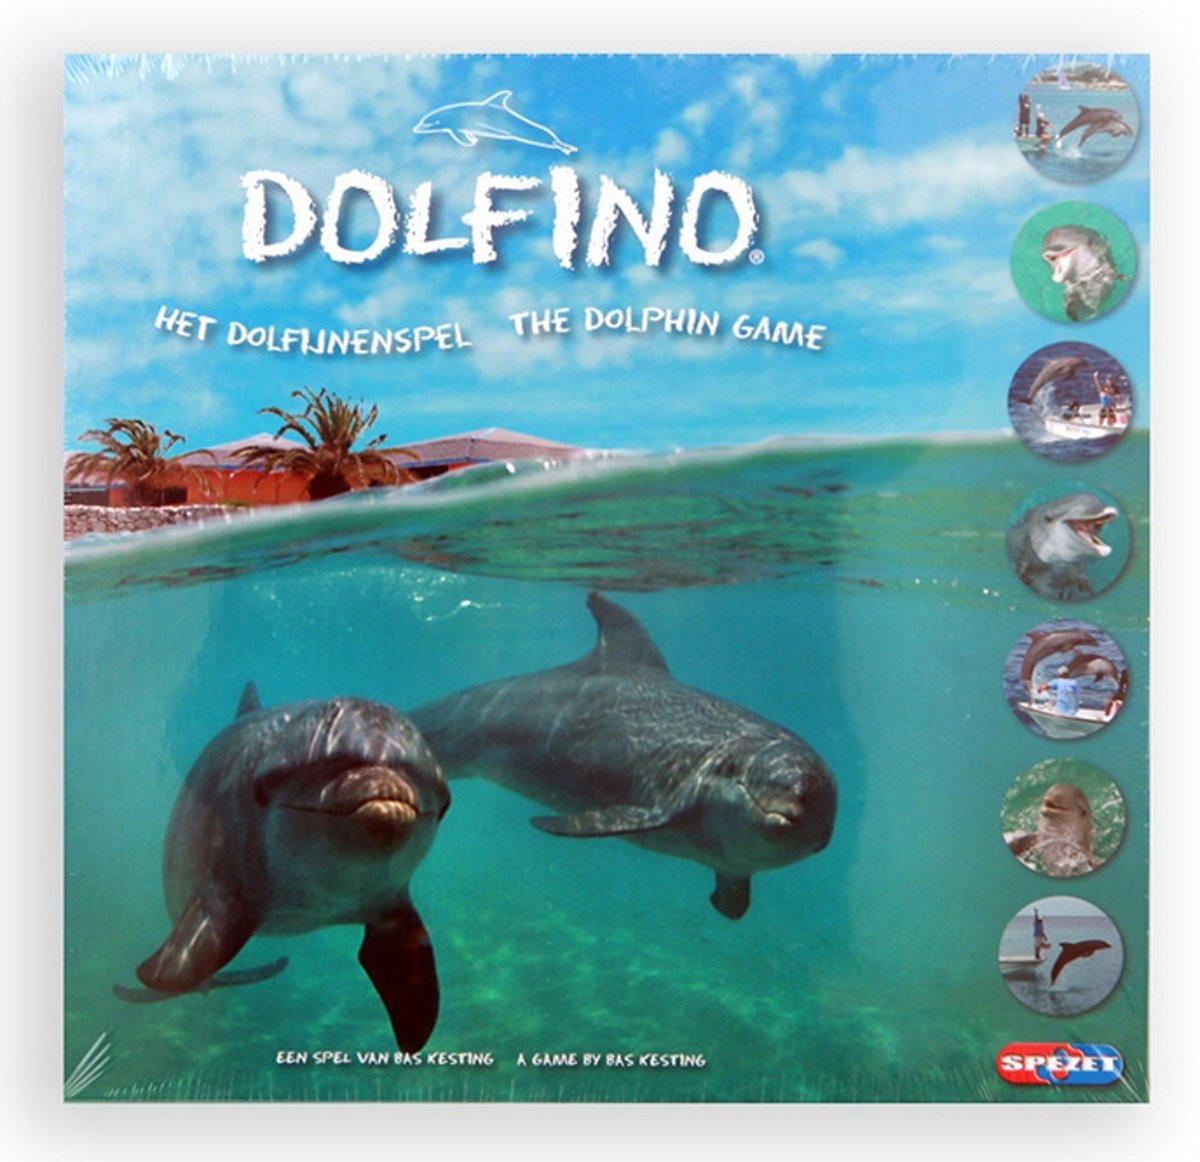 Dolfino - Leer alles over dolfijnen in een spannend spel!